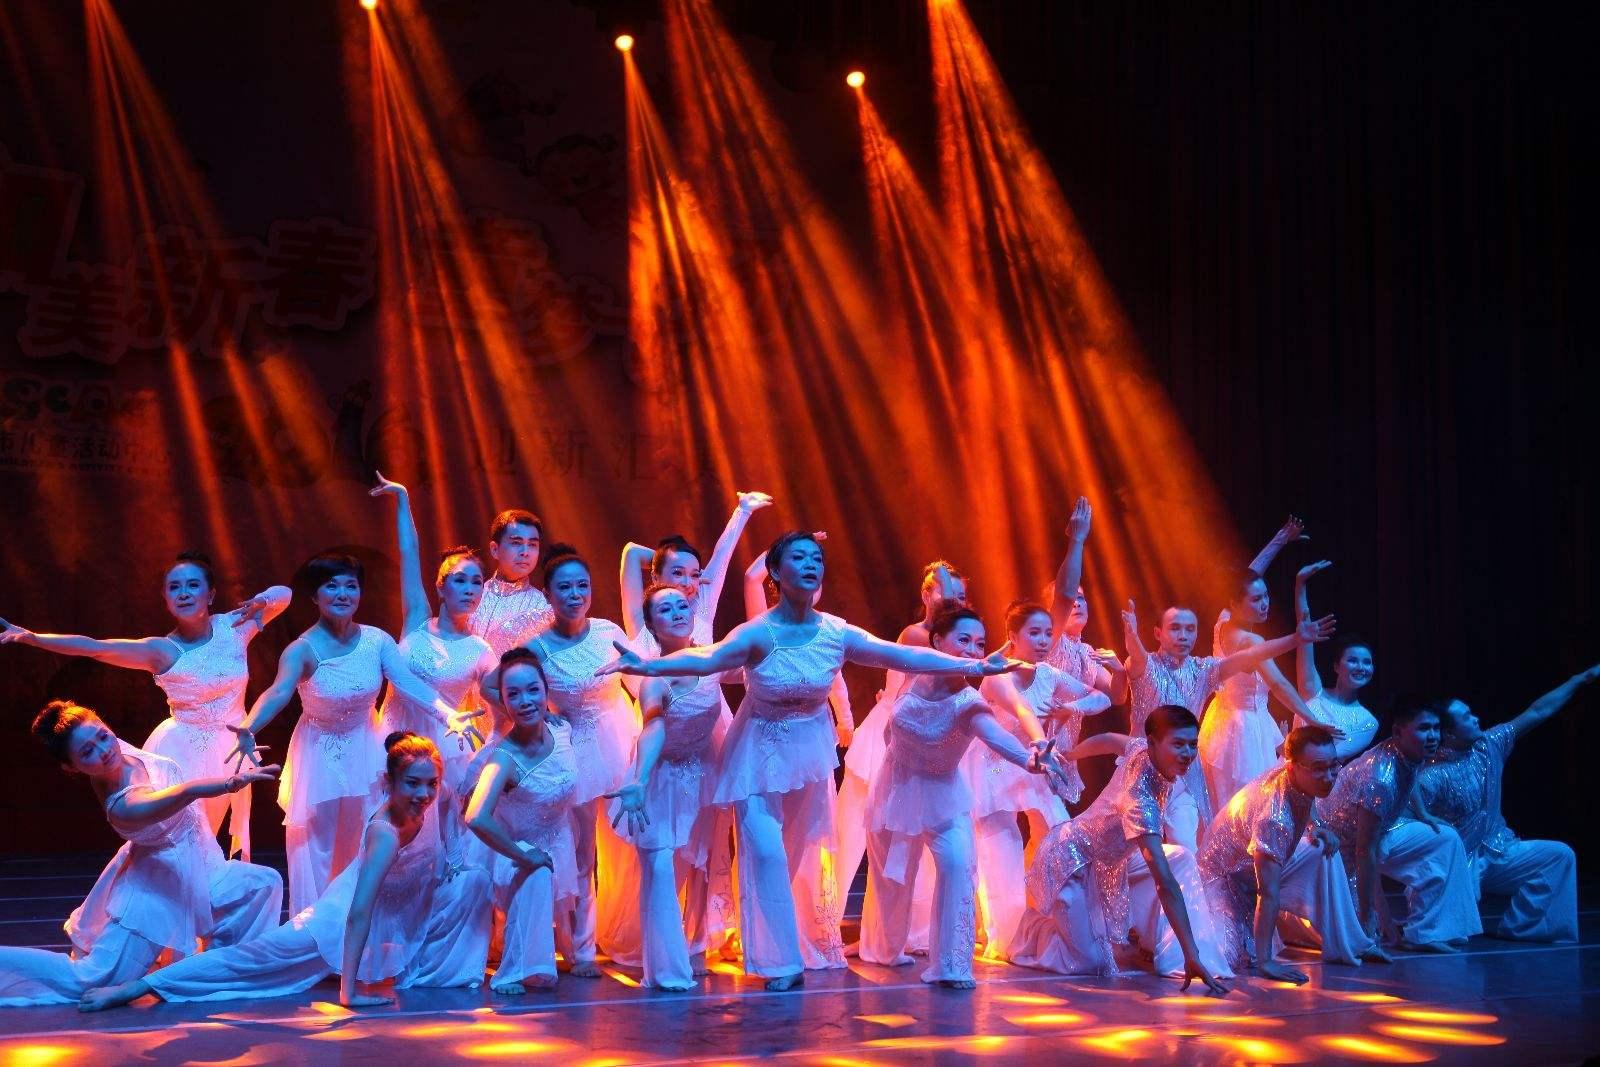 舞蹈_古典舞蹈演出服装,演出服装定制,舞台服装设计